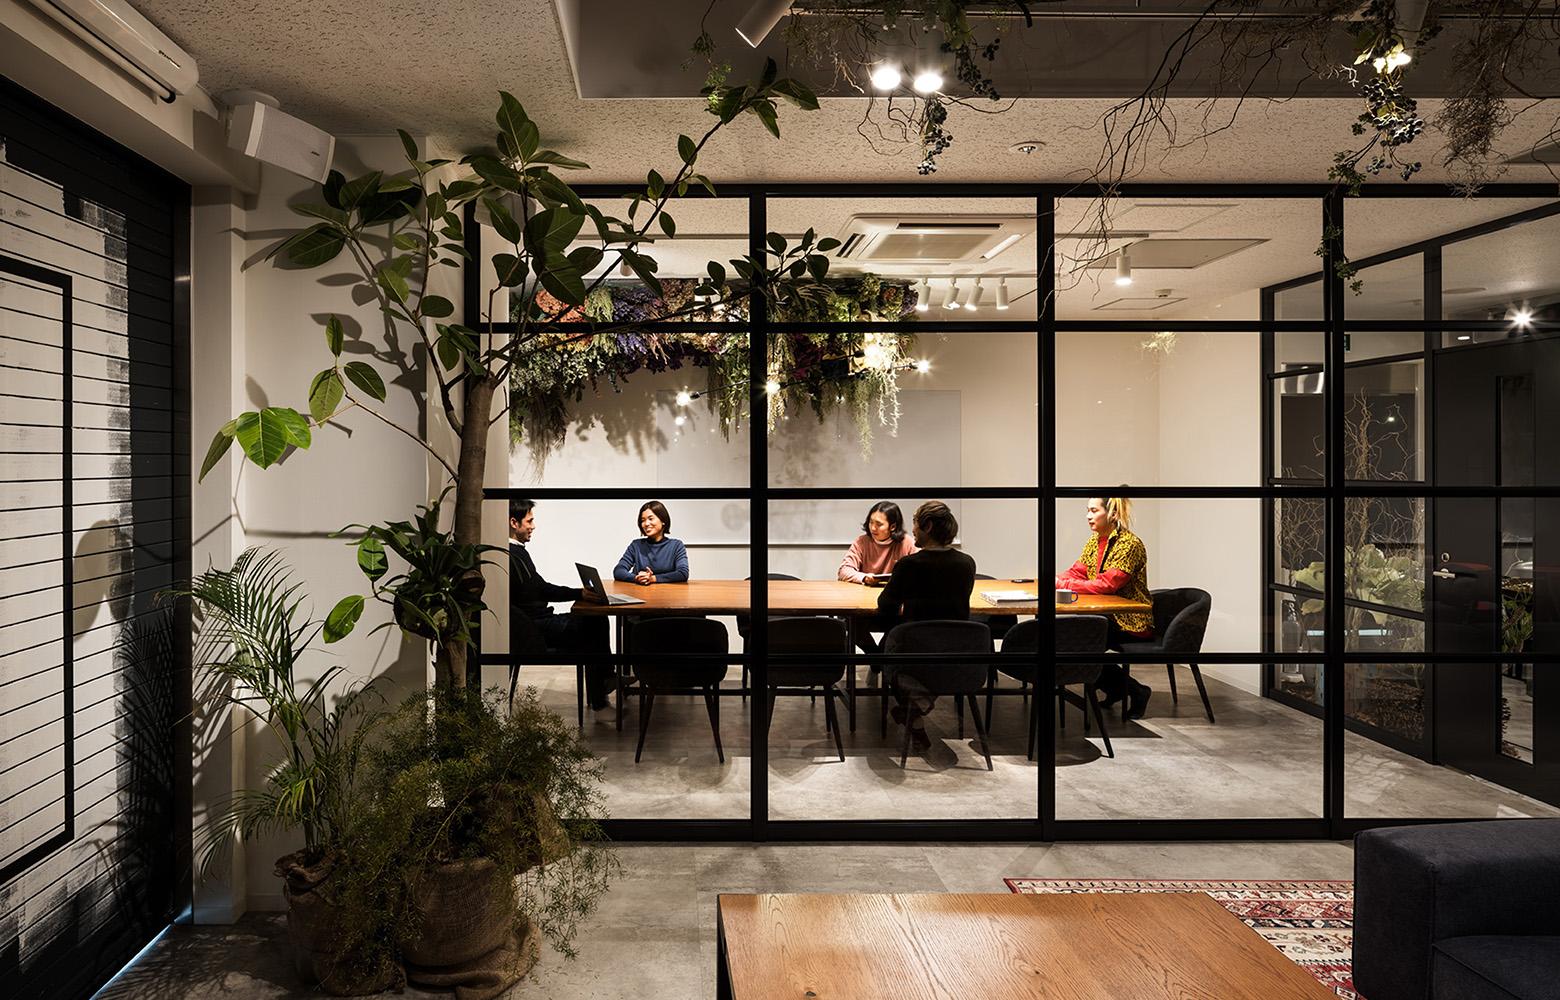 株式会社Avirity Information Meeting Room_2 デザイン・レイアウト事例